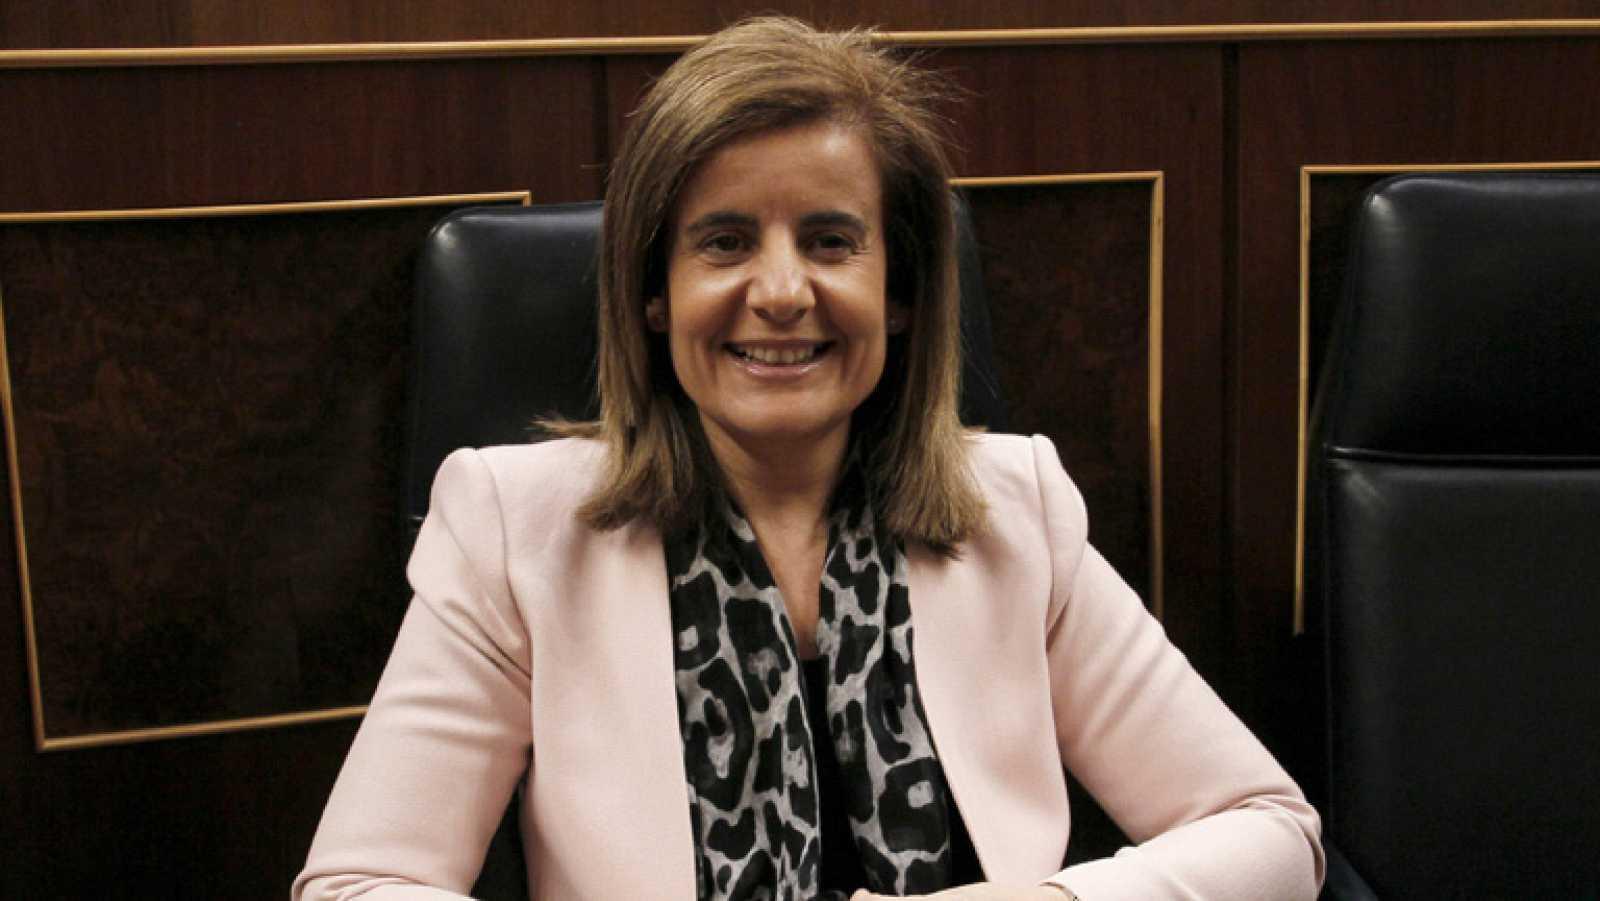 La ministra de Empleo Fátima Bañez ha destacado la normalidad con la que se está desarrollando la jornada de huelga